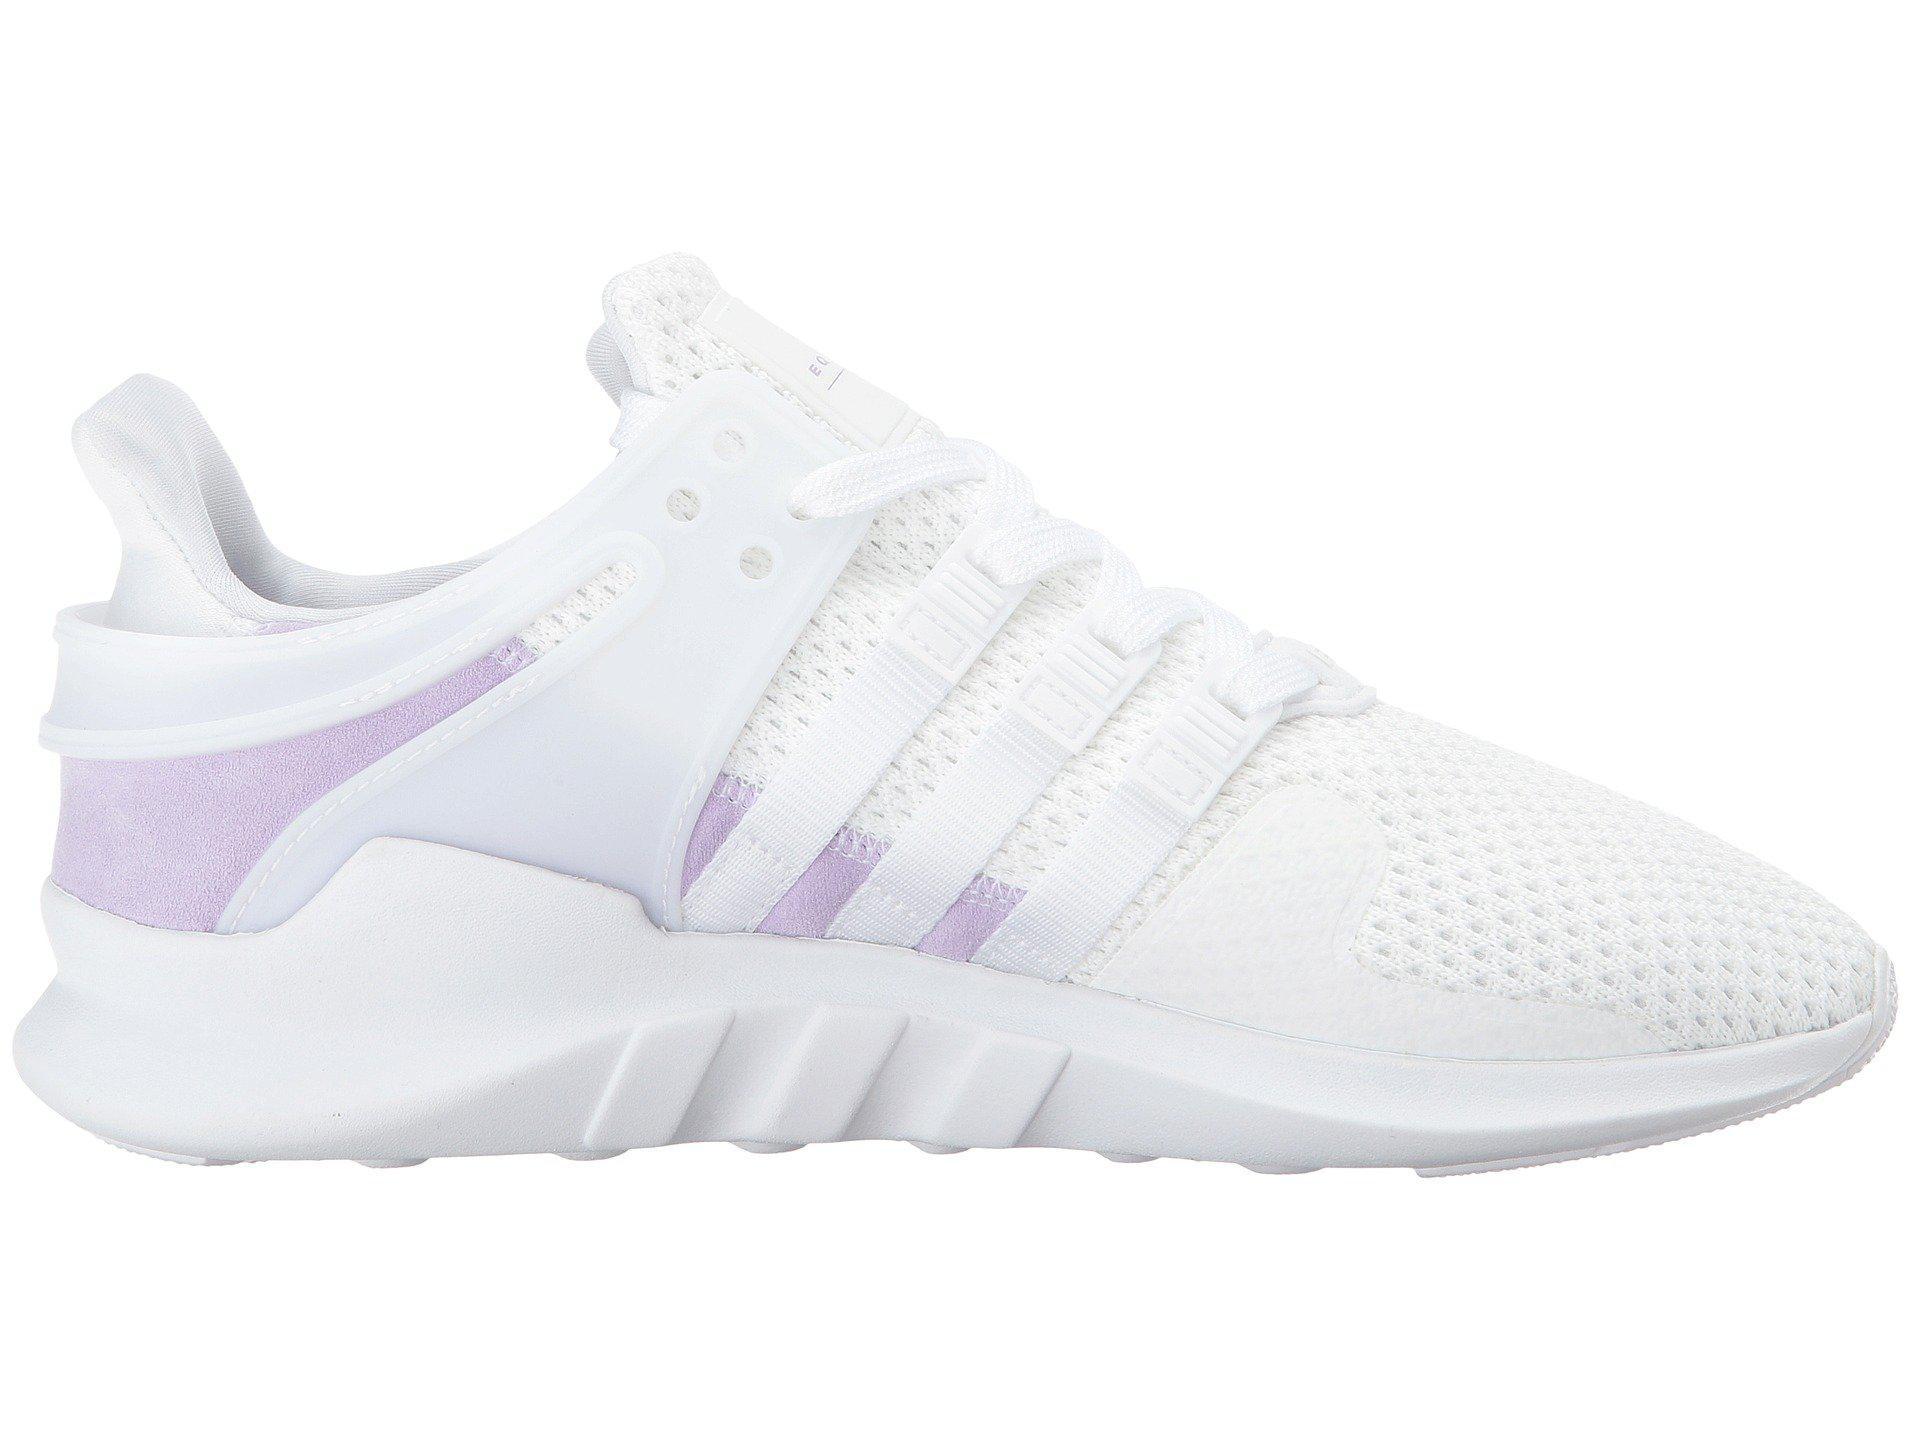 Eqt Support Adv (white/white/purple Glow) Women's Shoes